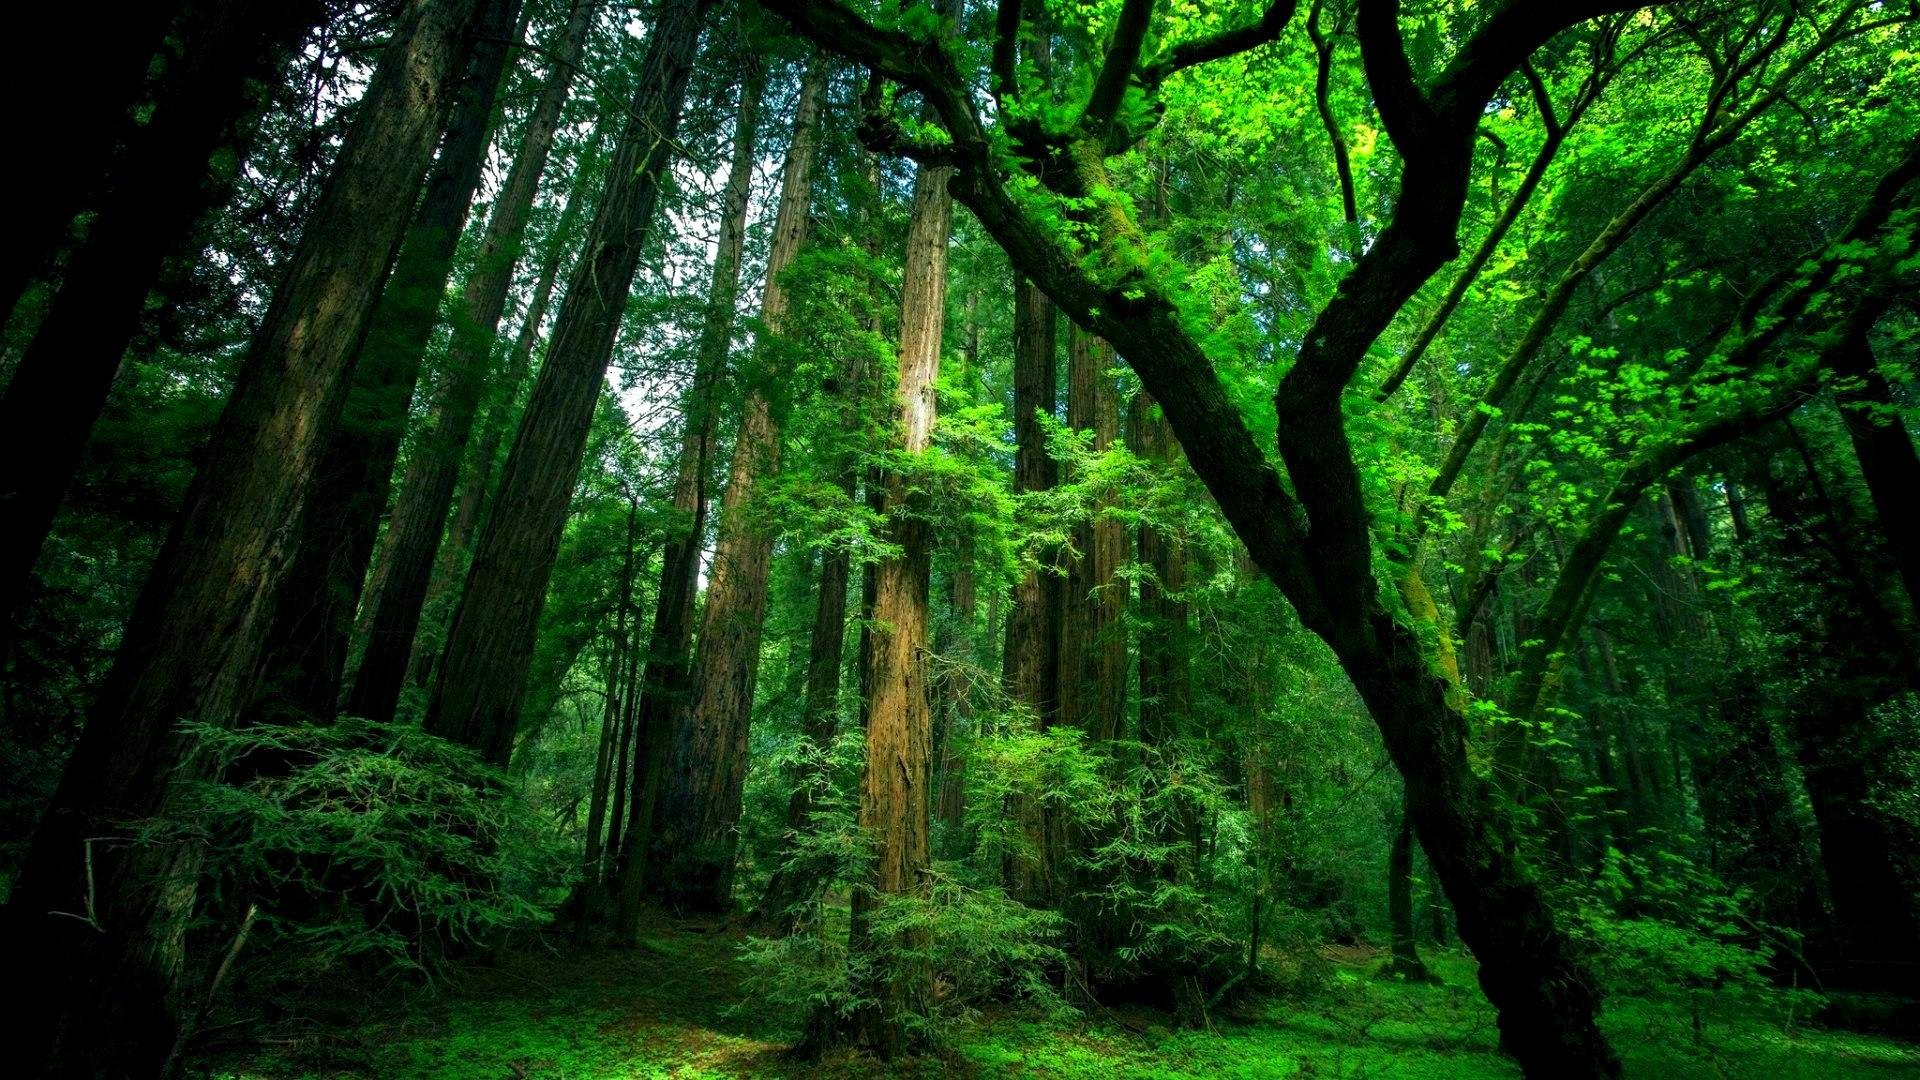 природа деревья графика лес nature trees graphics forest скачать